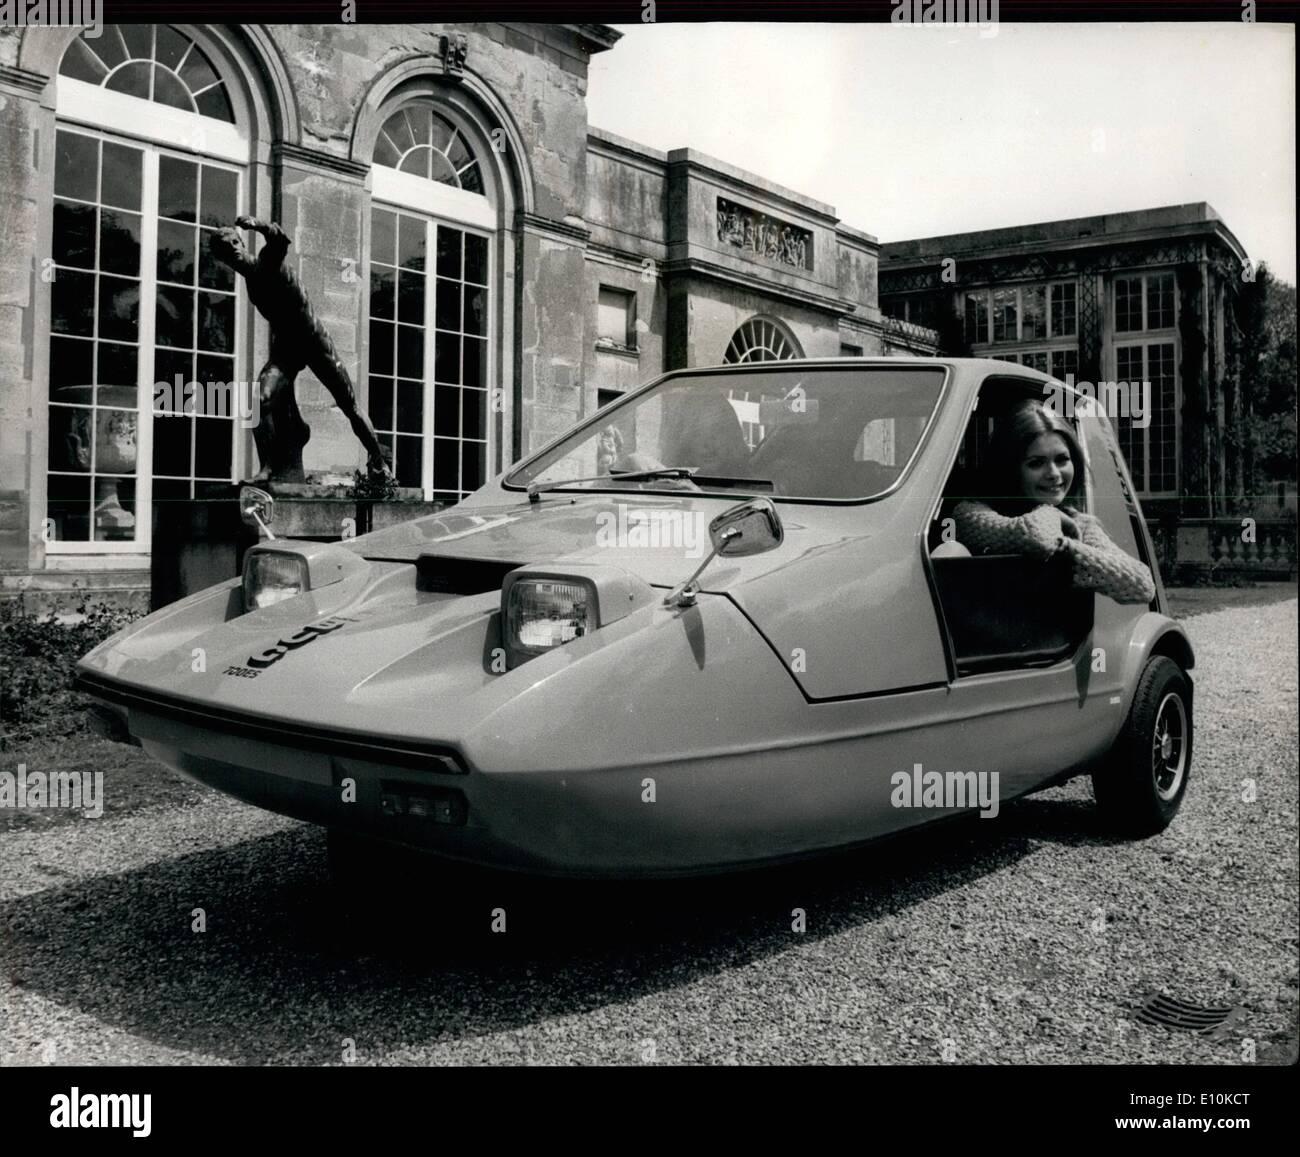 05 maggio 1973 - ''Bond Bug'' - La gioventù auto del 70's'': il legame Bug, un rivoluzionario biposto olni~~ per essere il primo veicolo progettato esclusivamente per il 17 a 25 gruppo di età. Questo nuovo motore Raliant producti Gruppo avviato con la fiduciosa ~~~ di diventare grande come un trend-setter nel suo campo negli anni settanta come la Mini è stato negli ultimi ~~~~. Tre versioni vengono offerti, sono il ~~~~~ 700 ''Bond modello Bug (al prezzo di 548.0.04) 700 (579.7.0) che ha la completa attrezzatura meteo ans styling rafinemen~~~~ 700~s (~29.19.~) tutto il mondo ~~~~~~ Immagini Stock